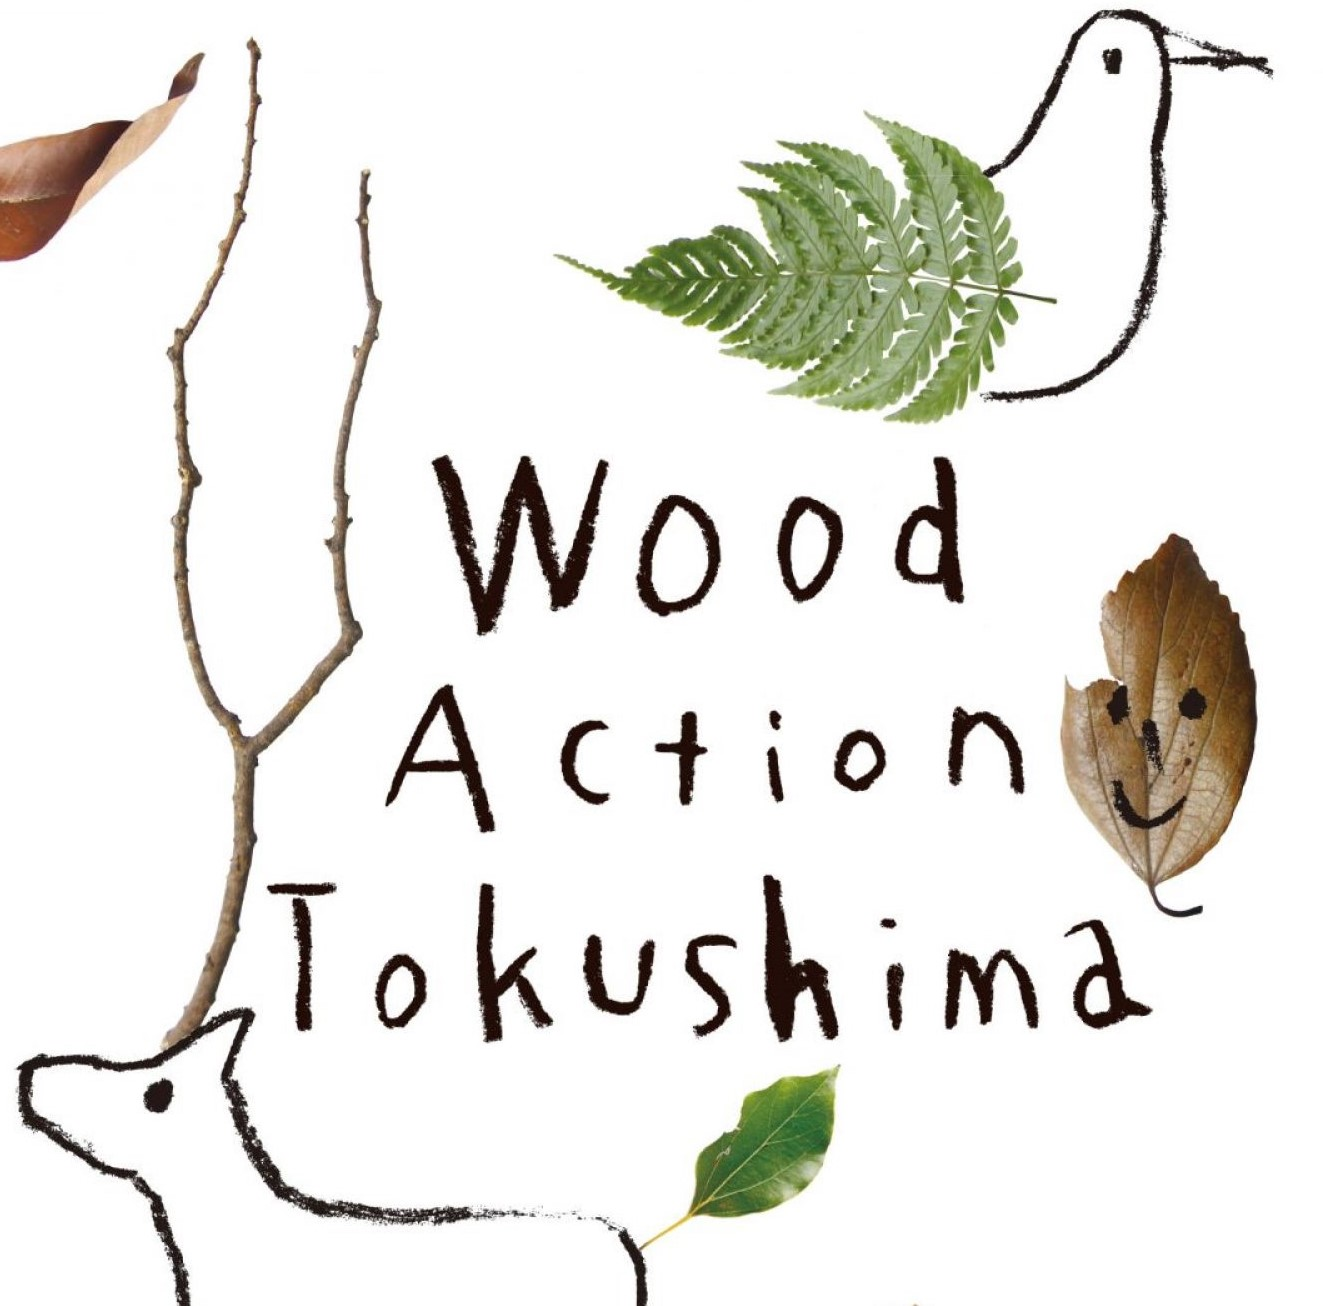 Wood Action Tokushima